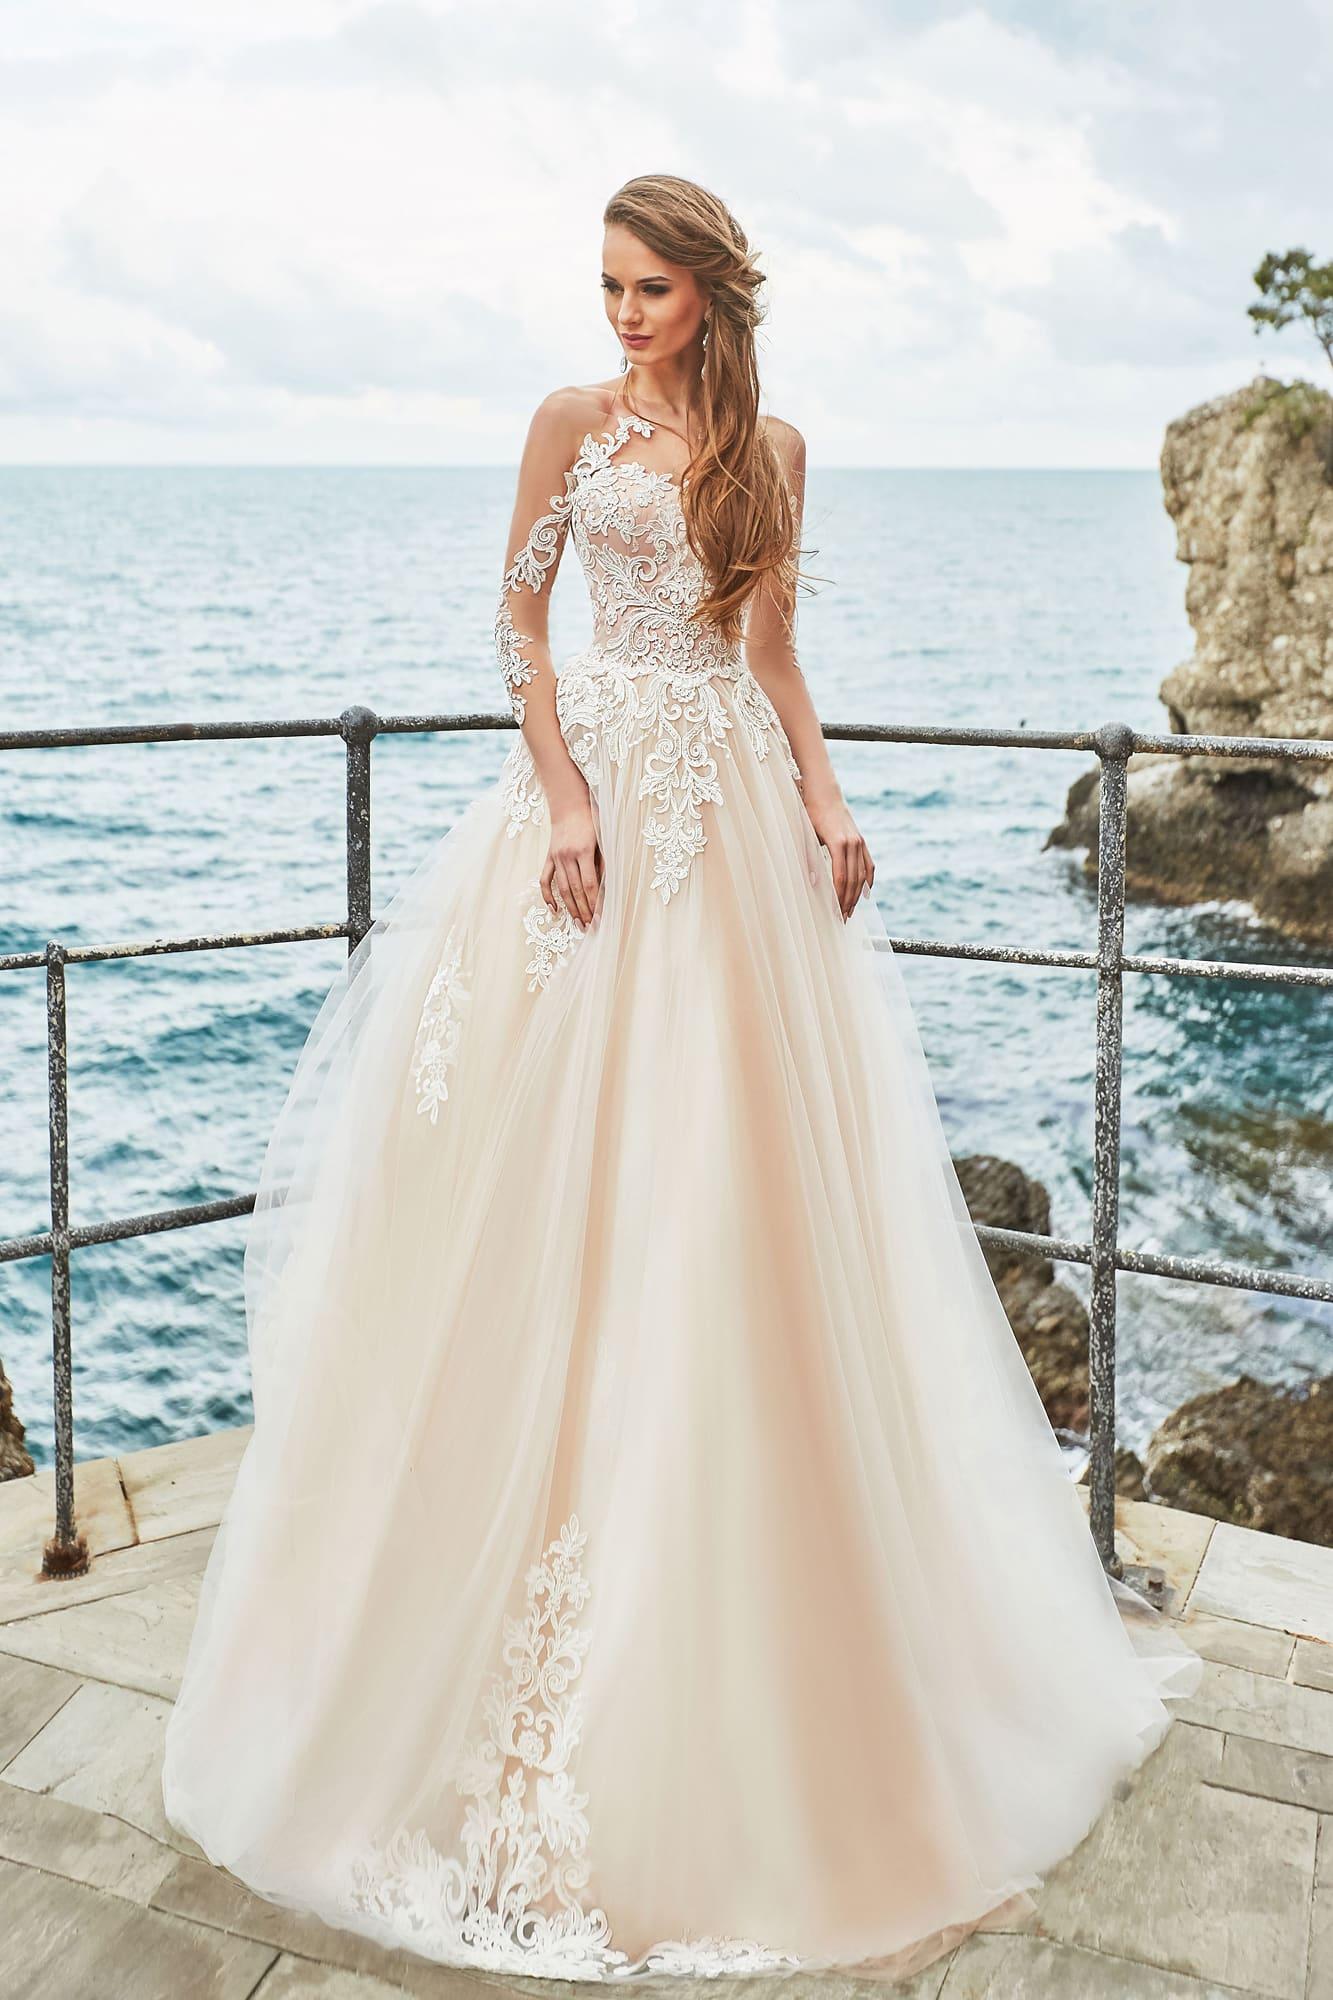 47fba581061c12 Воздушное свадебное платье с кружевной отделкой и персиковым оттенком ткани.